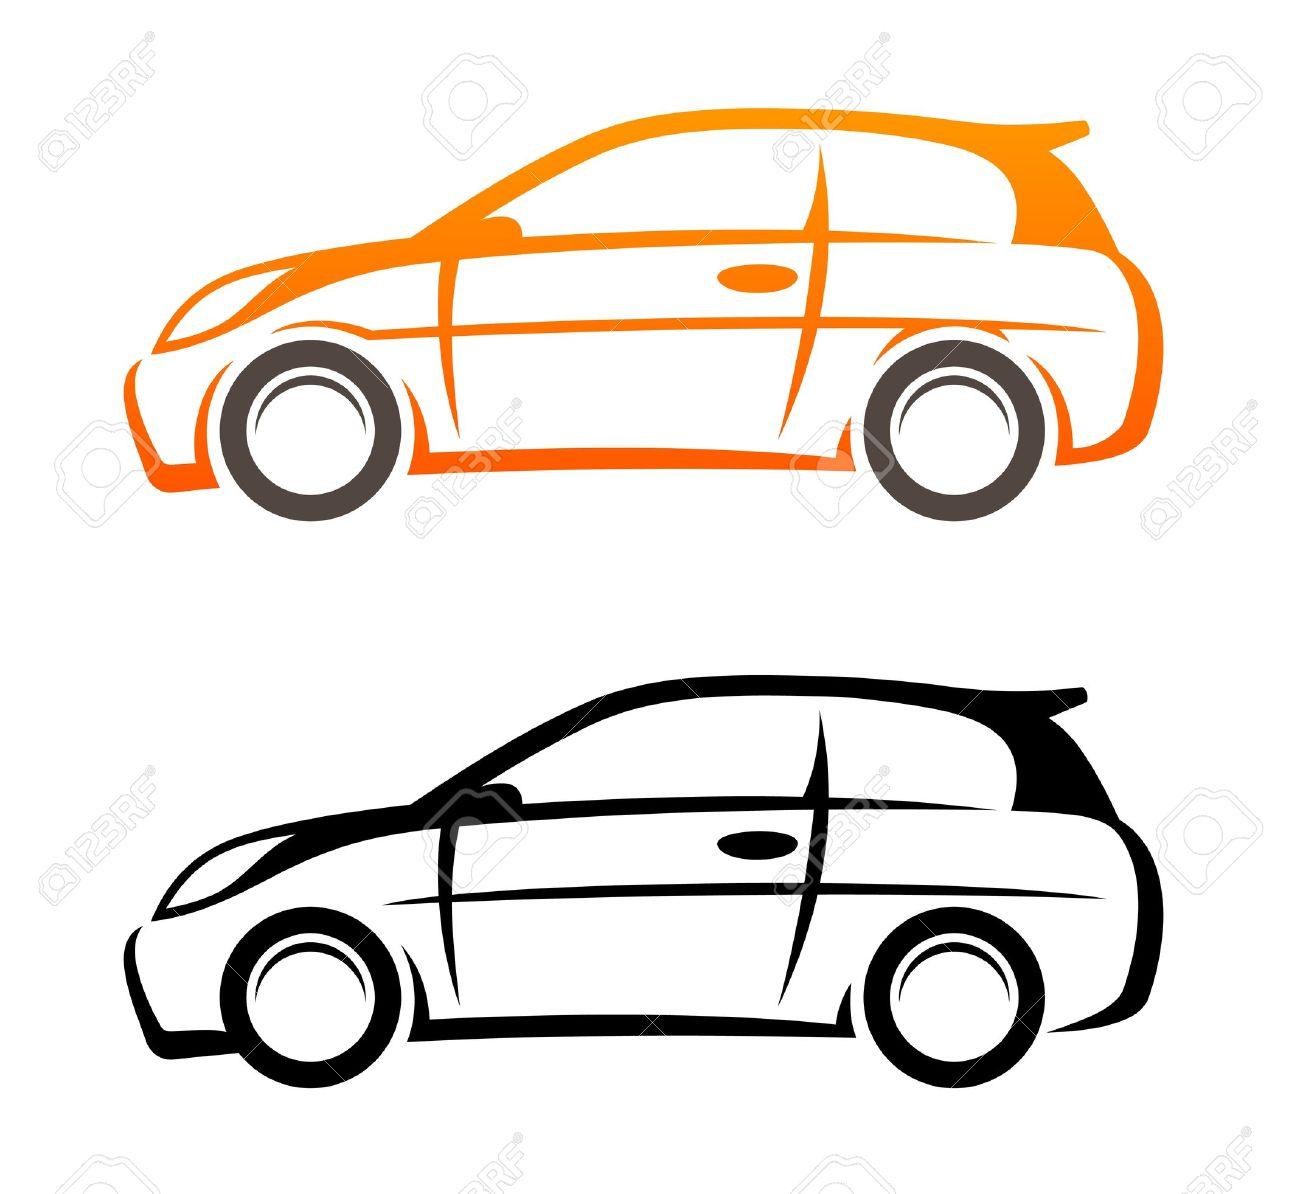 Fantastisch Wie Man Auto Skizziert Bilder - Elektrische Schaltplan ...